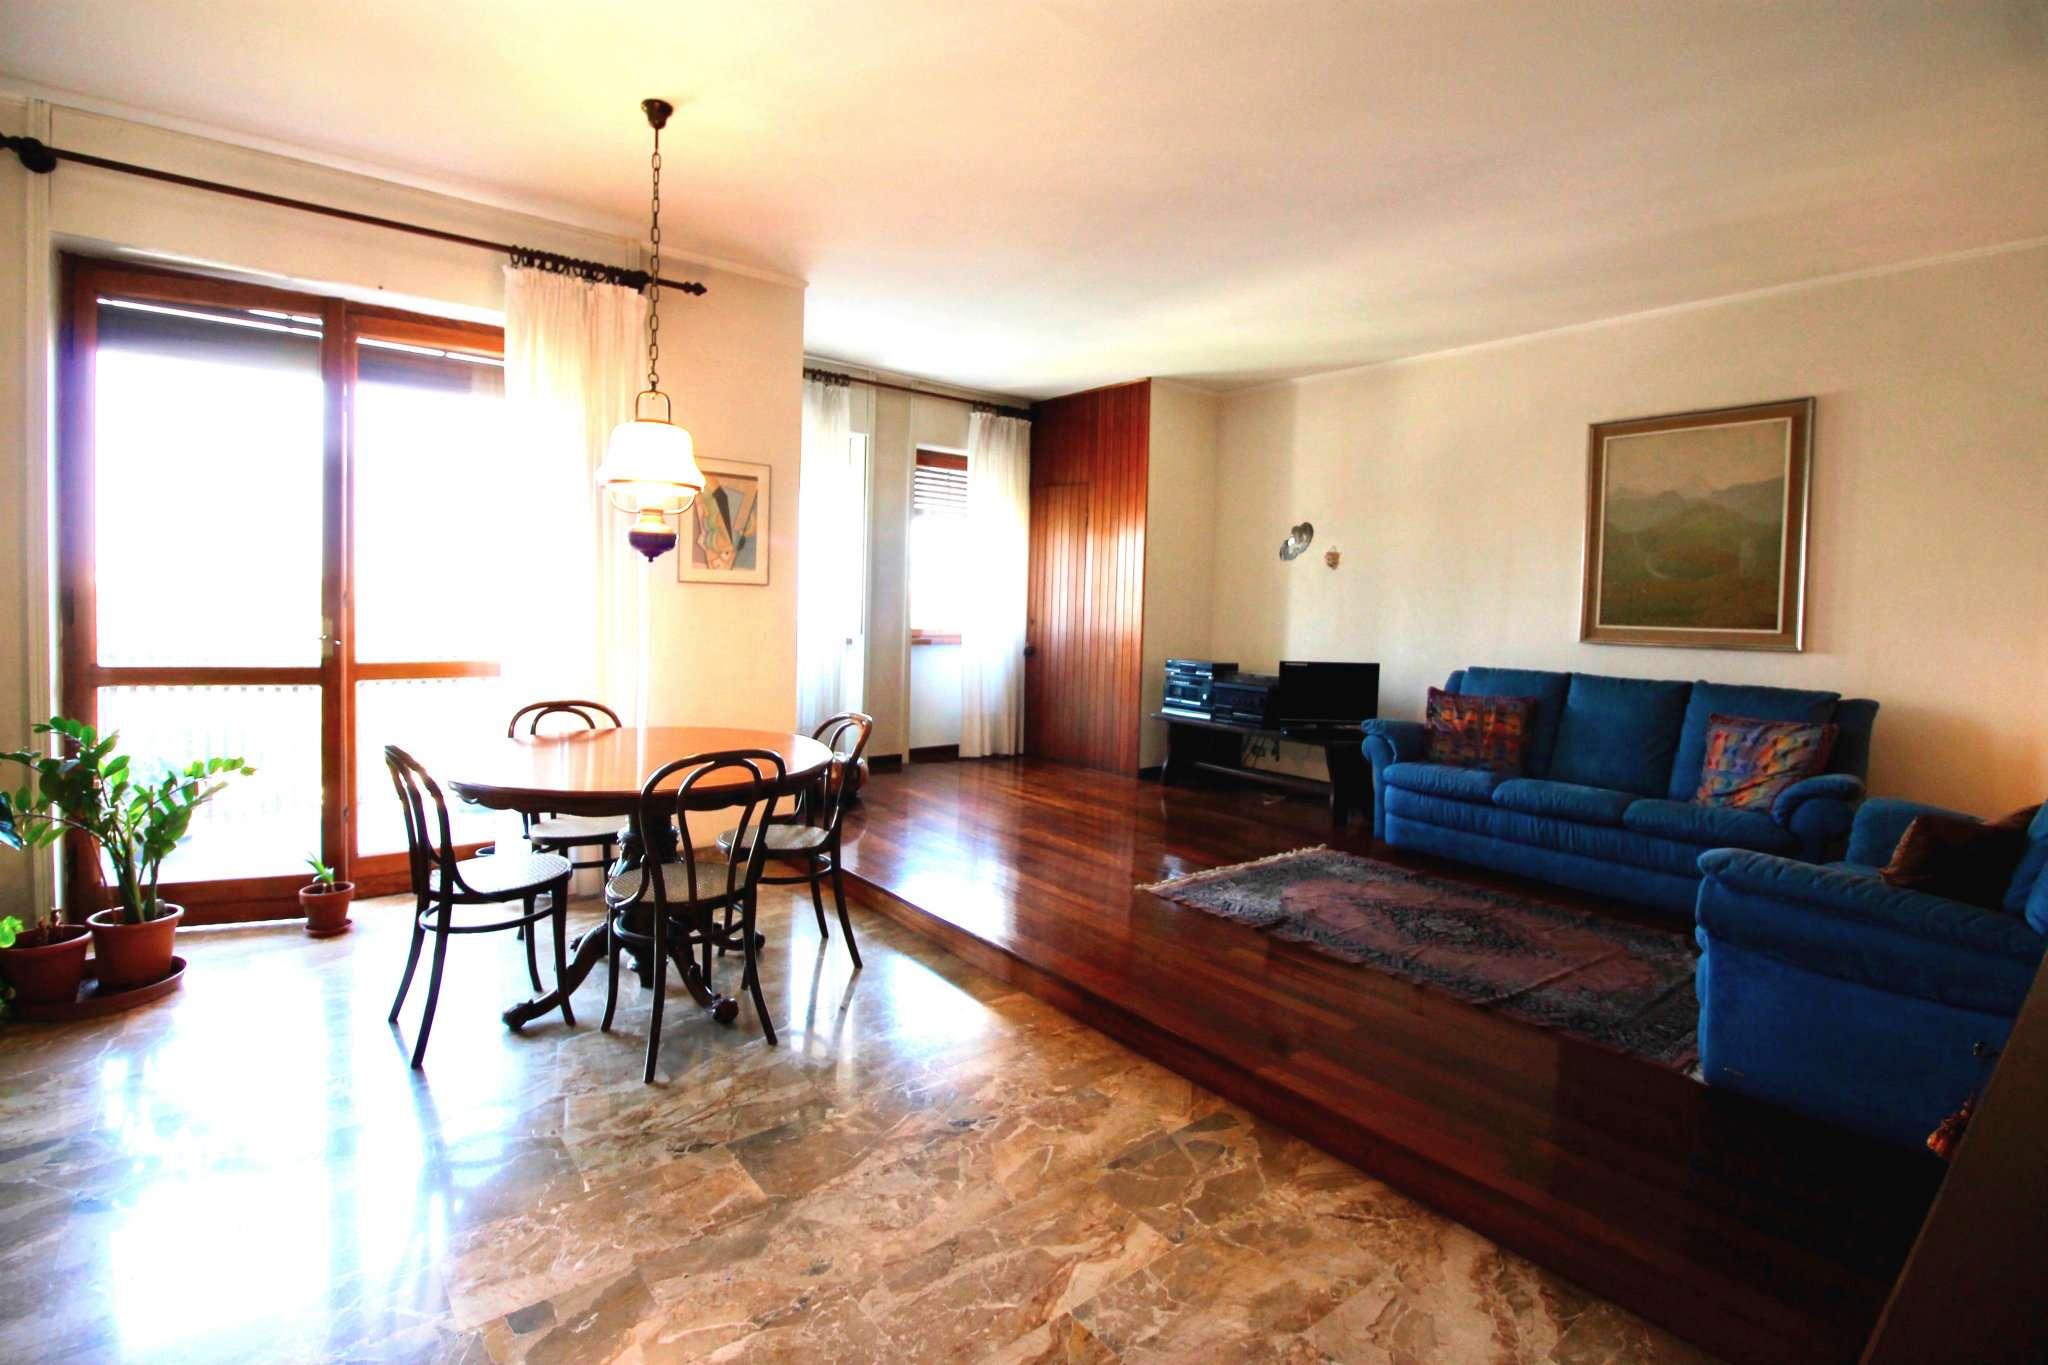 Appartamento in Affitto a Milano 09 Ceresio / Procaccini / Foro Bonaparte: 3 locali, 150 mq